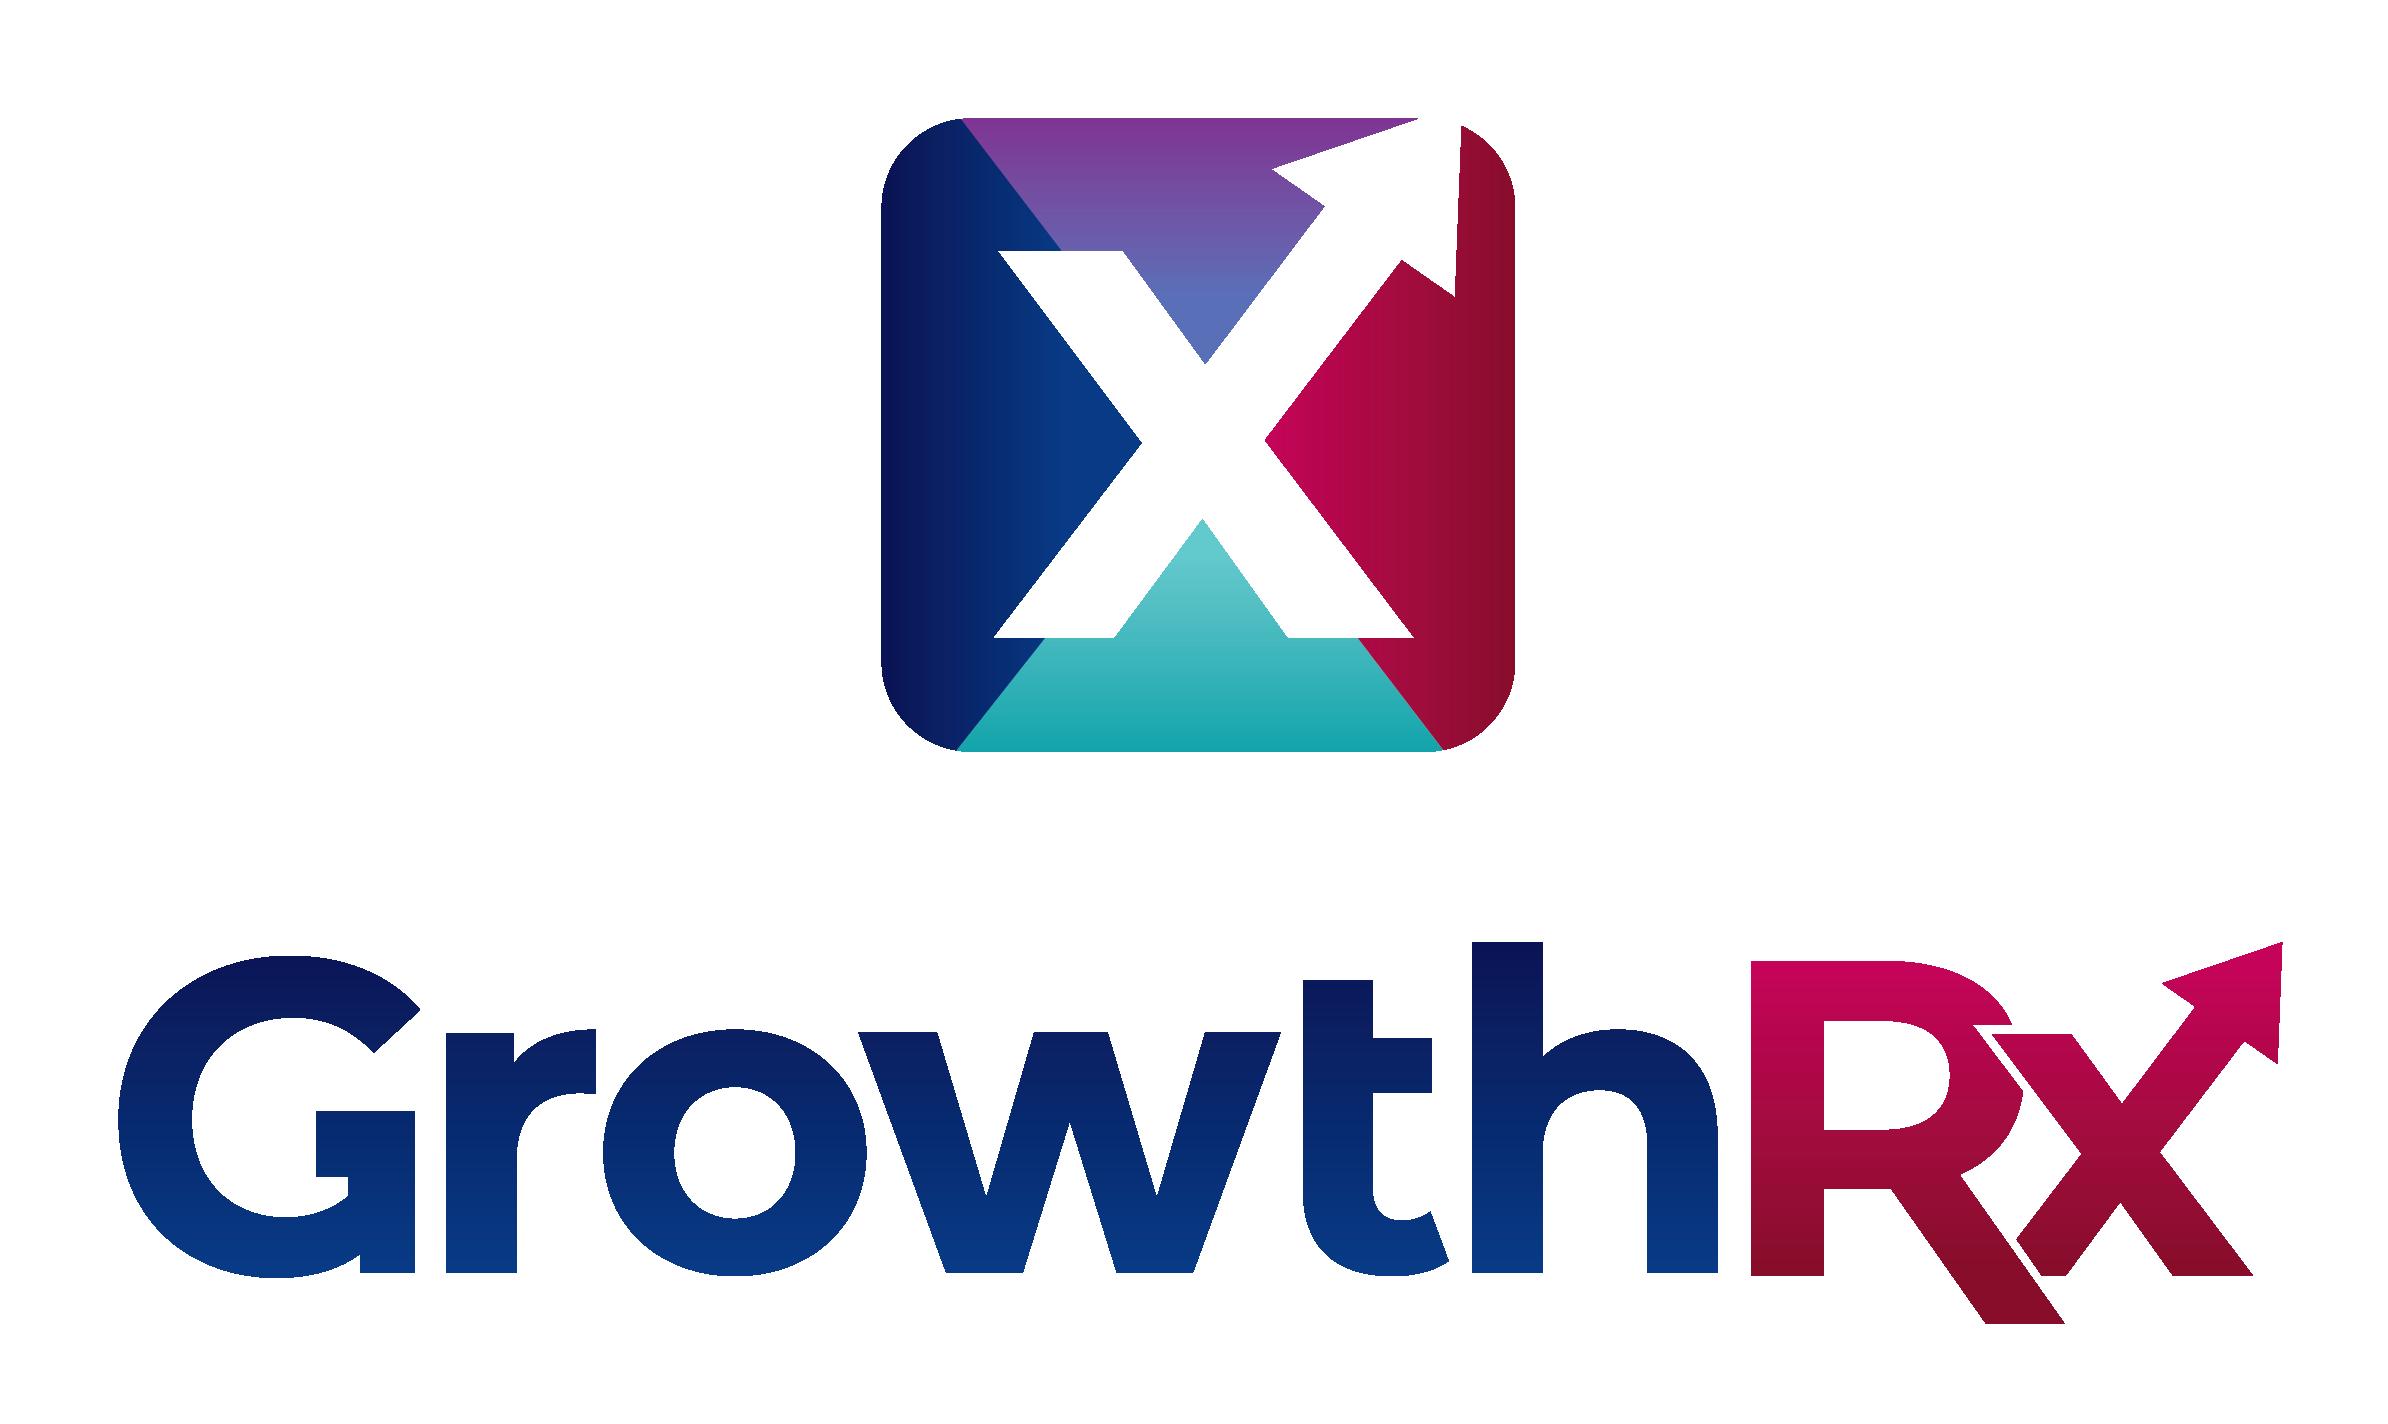 Growth Rx